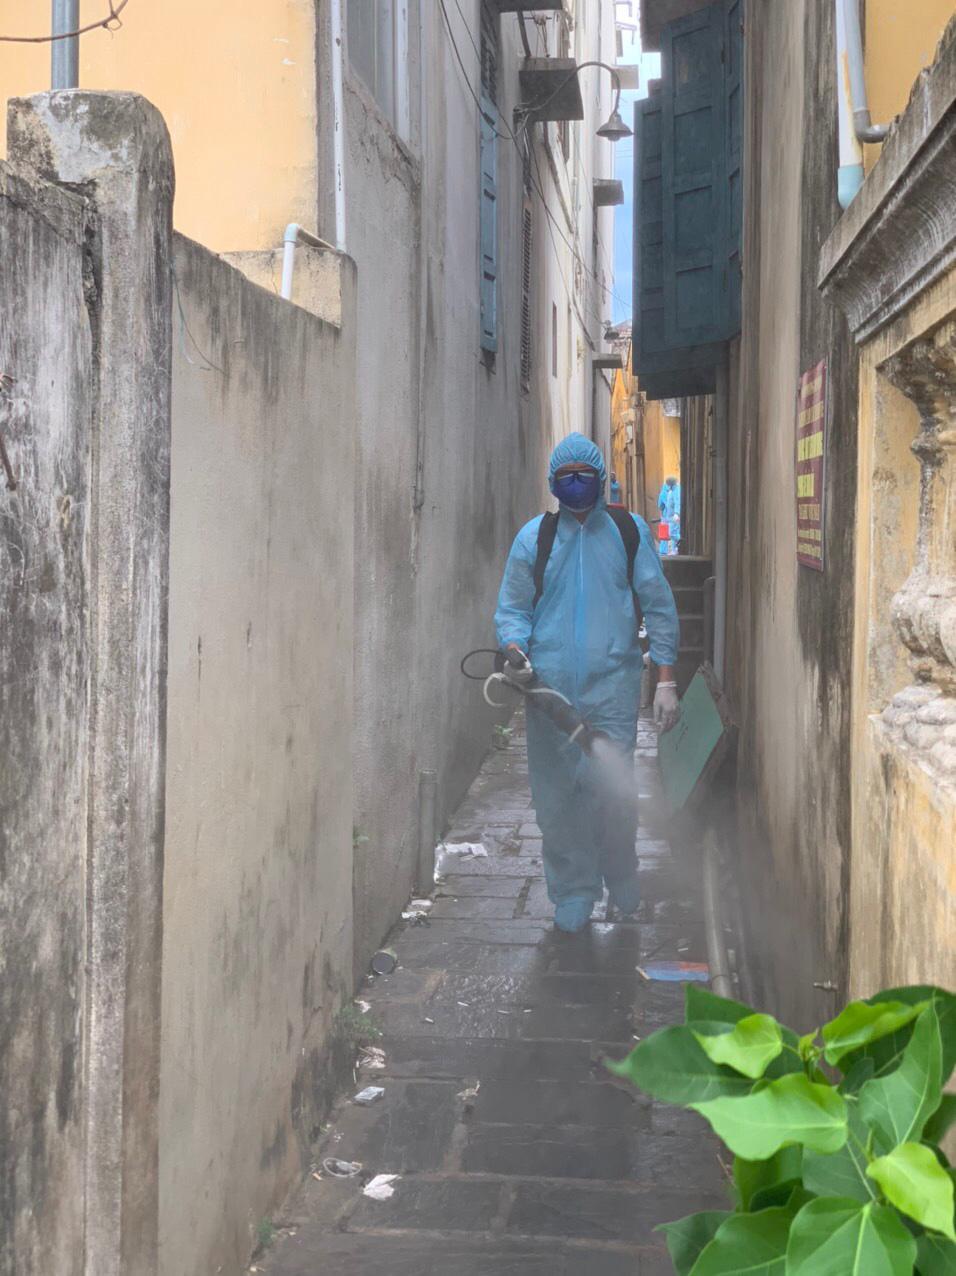 Bộ đội hóa học bắt đầu phun thuốc khử trùng tại phố cổ Hội An - Ảnh 7.